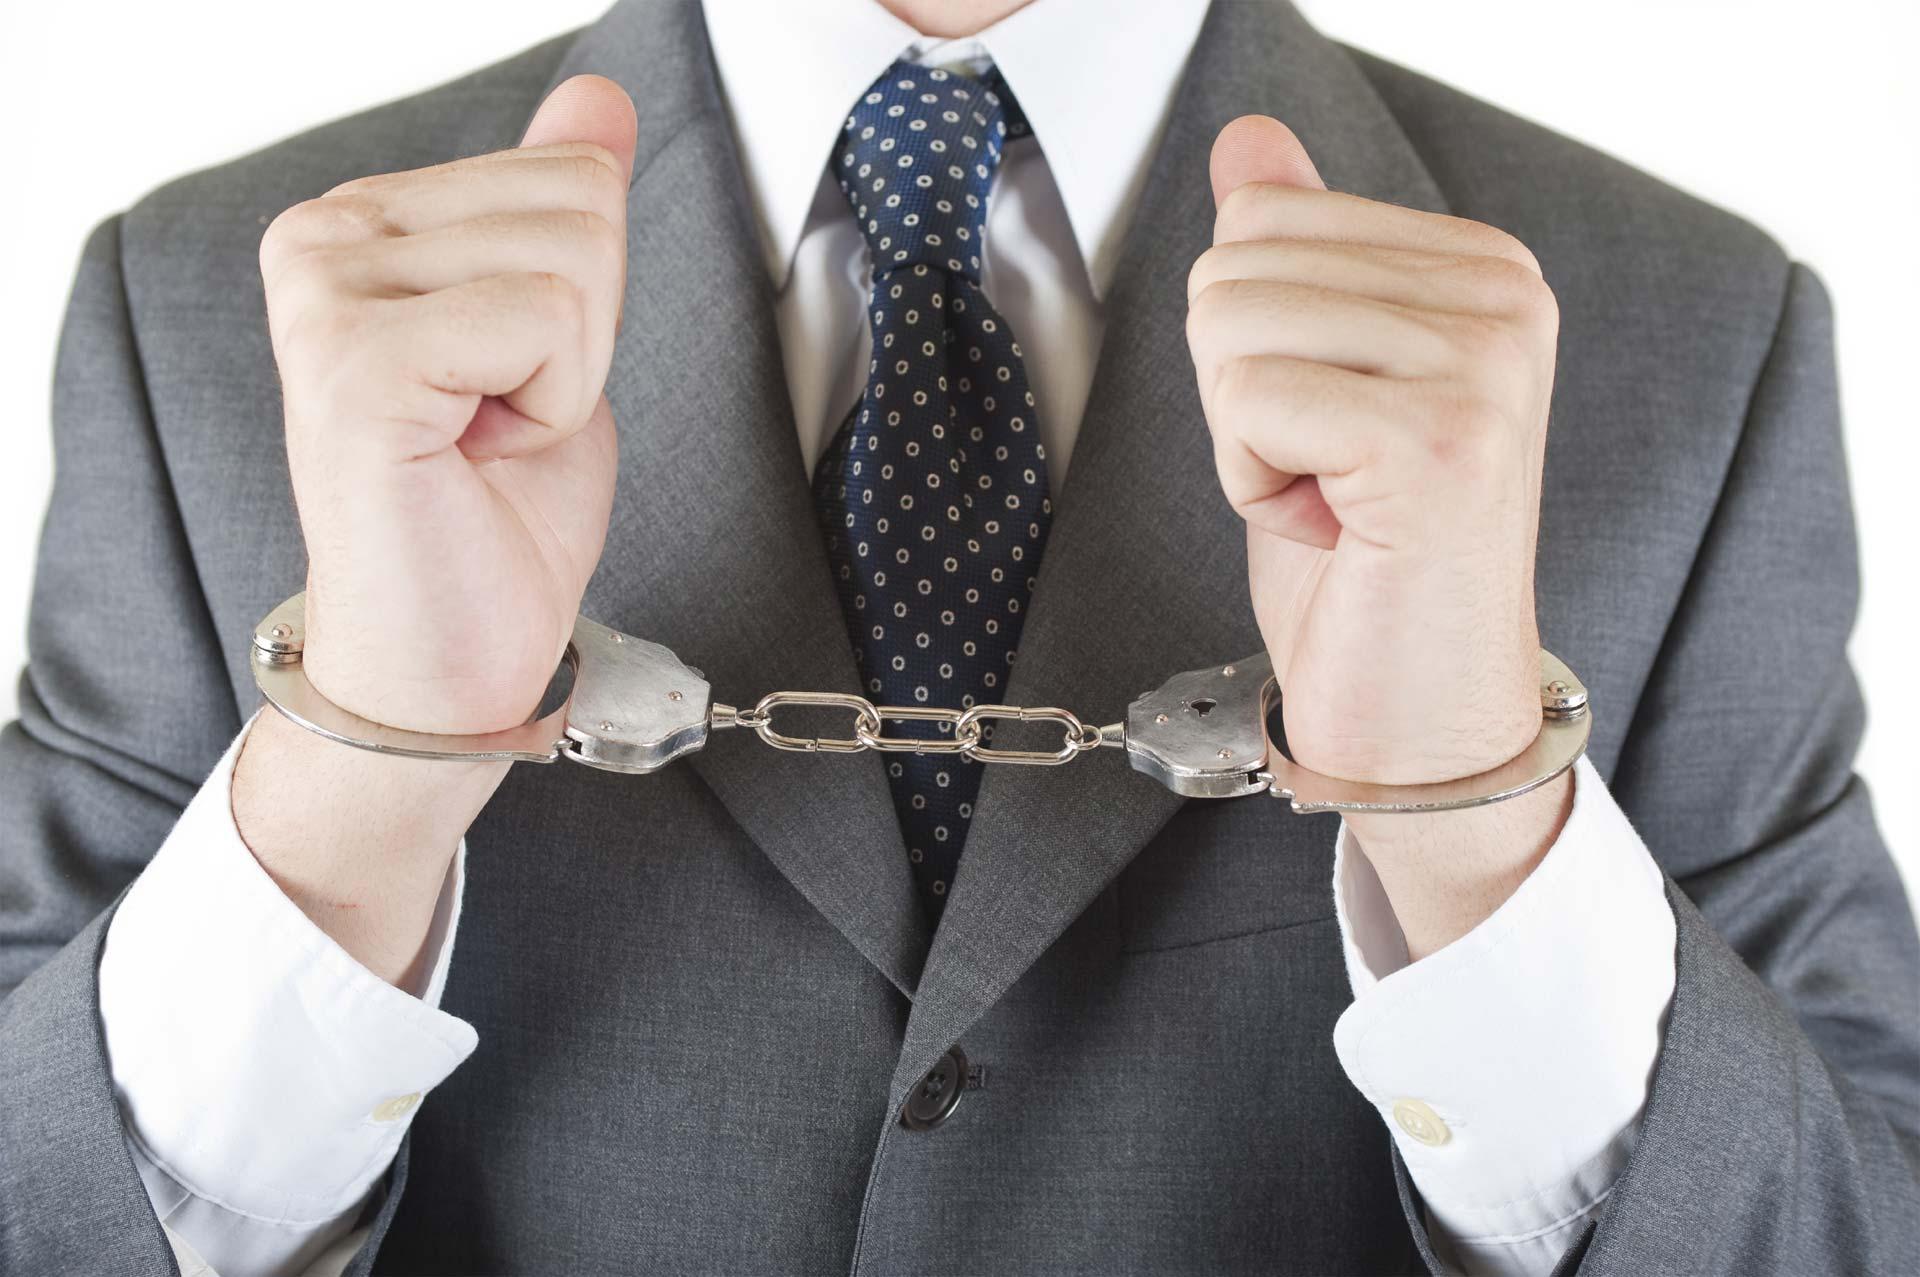 Un activista de derechos humanos fue apresado por cargos contra la seguridad del Estado